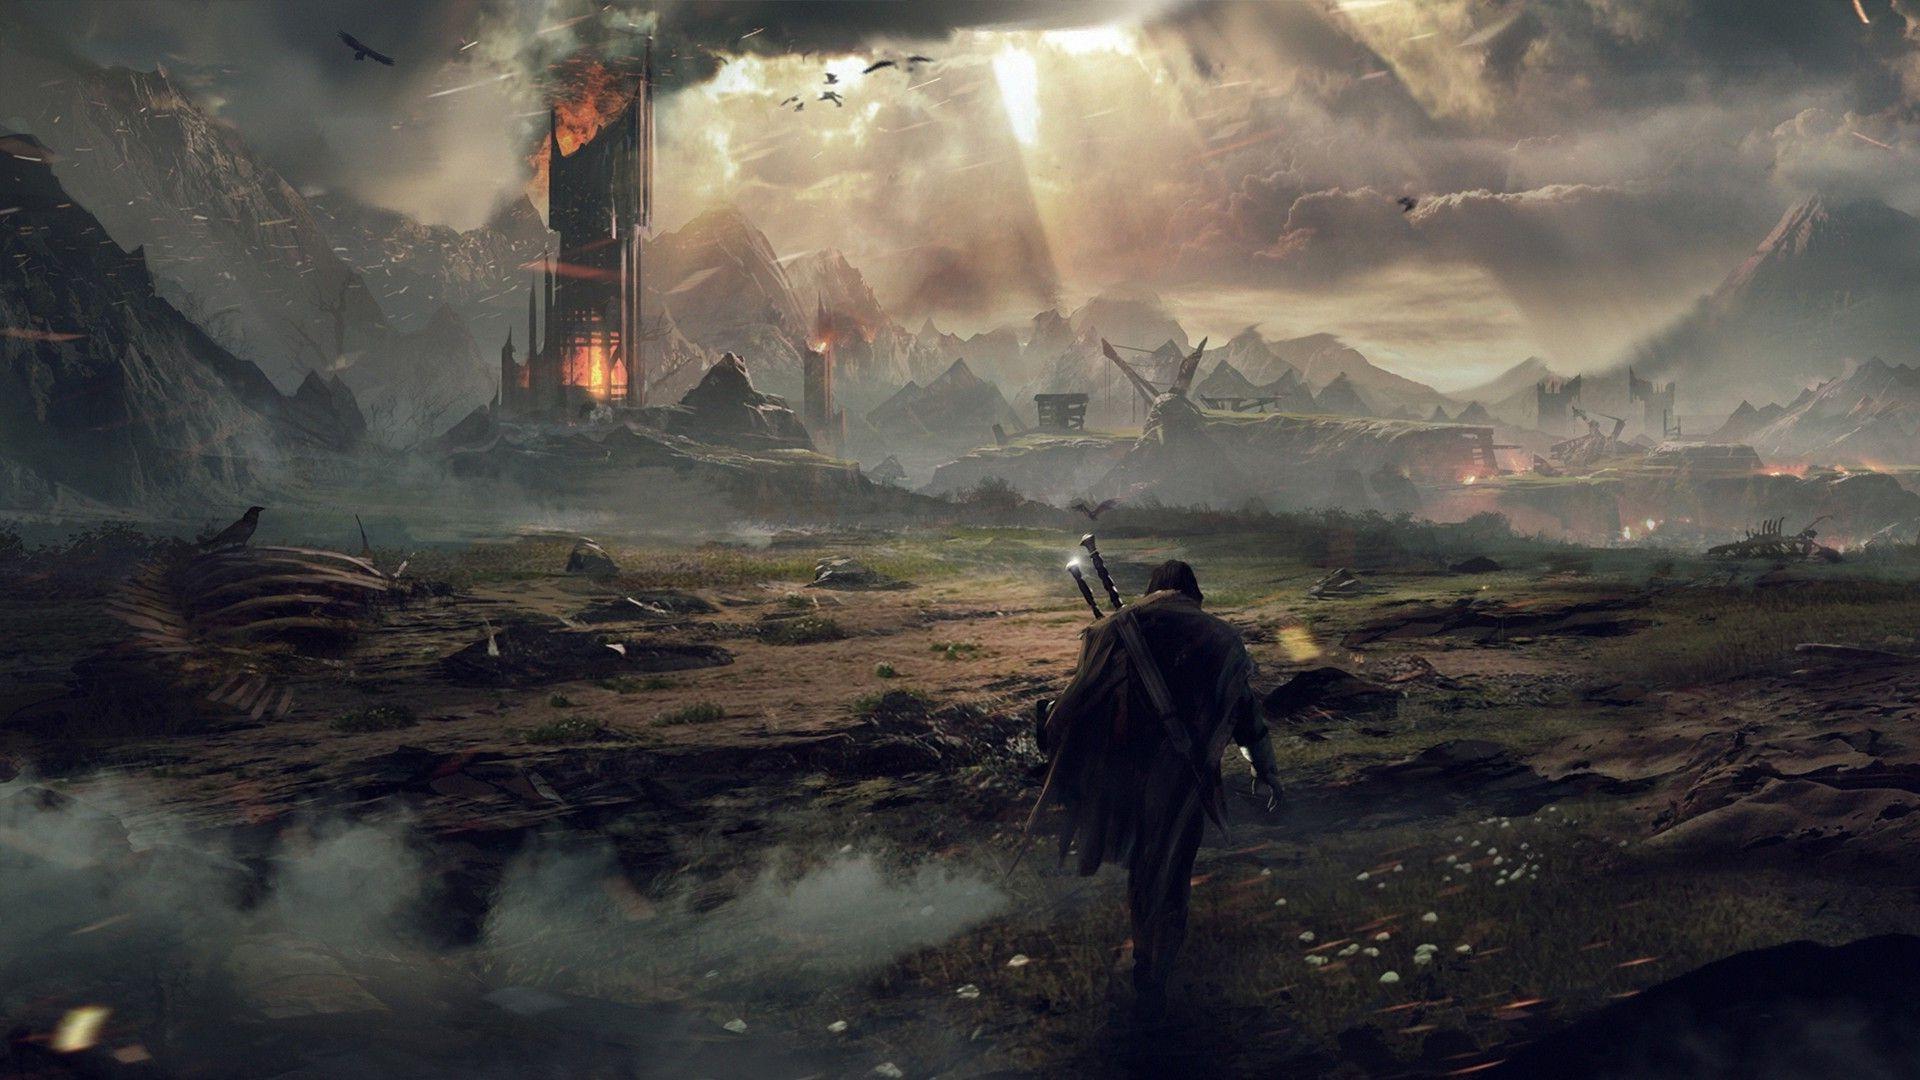 Fond Décran Jeux Vidéo Art Fantastique Le Seigneur Des